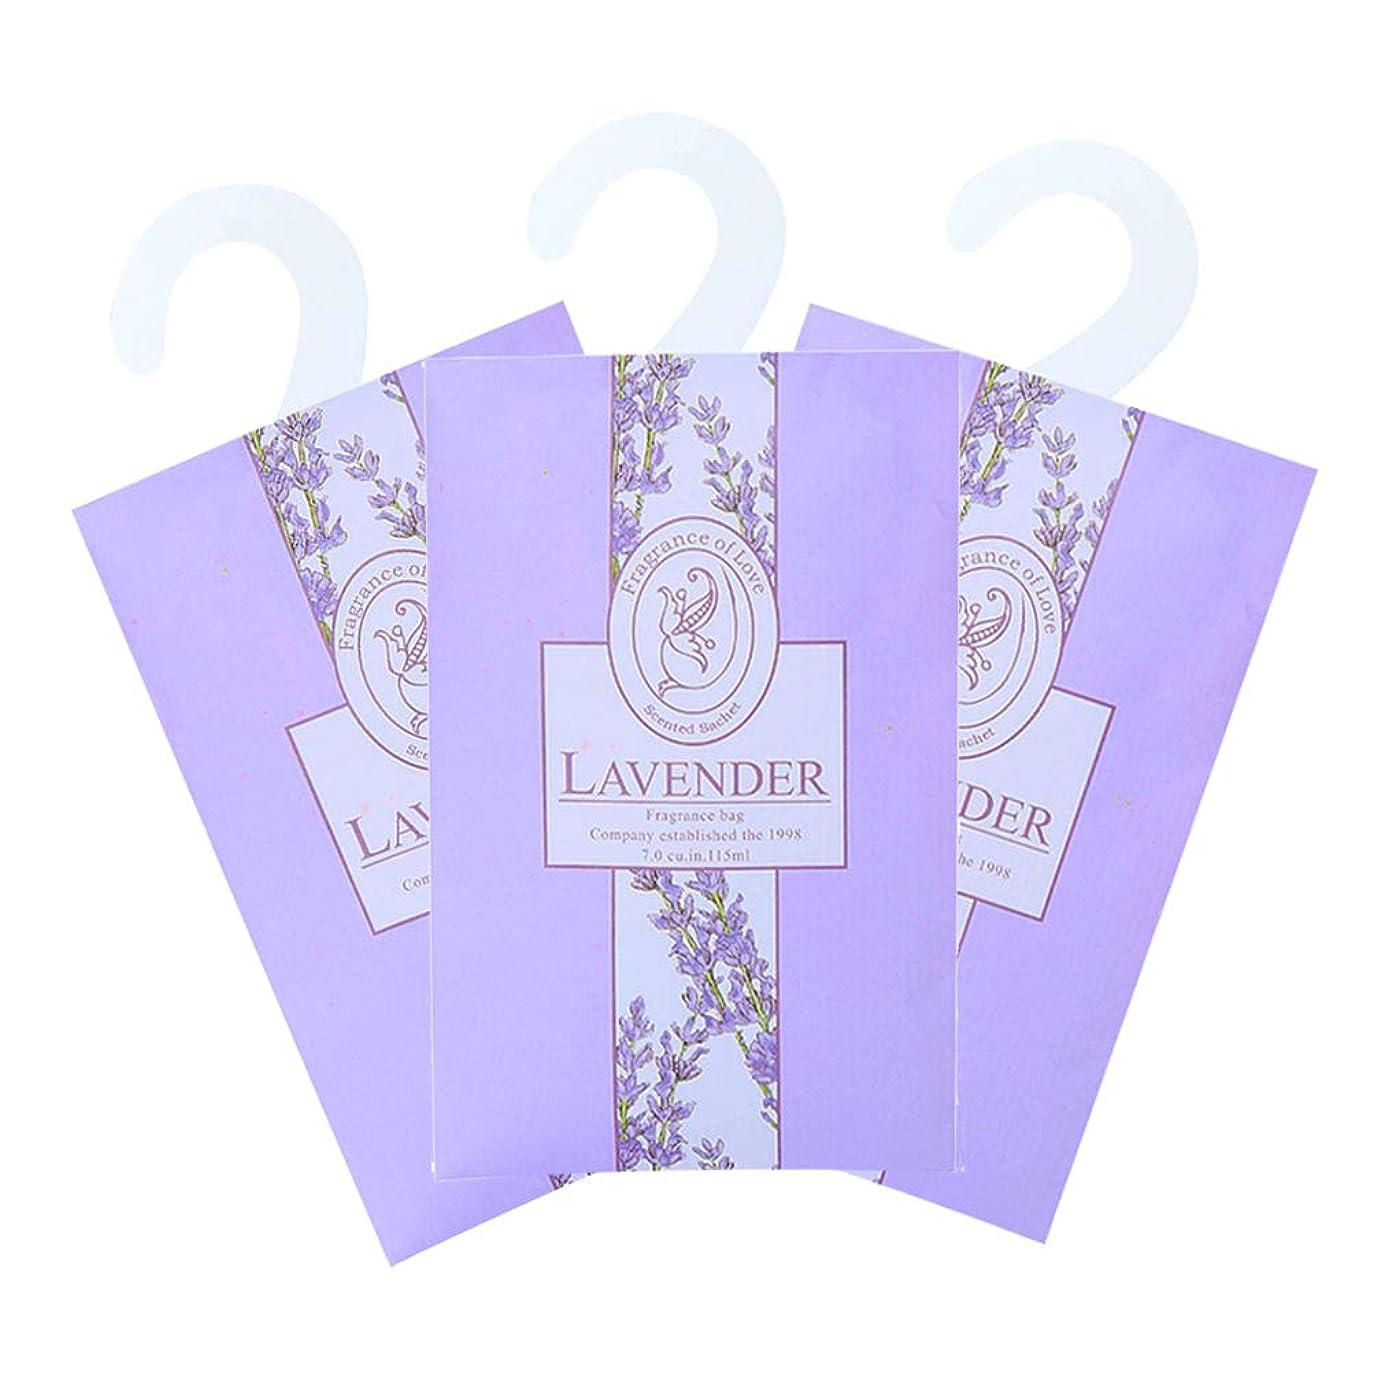 鷲ティッシュ気取らないTINKSKY 香り袋 サシェ 3枚セット 花の香り ルームフレグランス 車内用 玄関用 部屋用 芳香剤(ラベンダー)